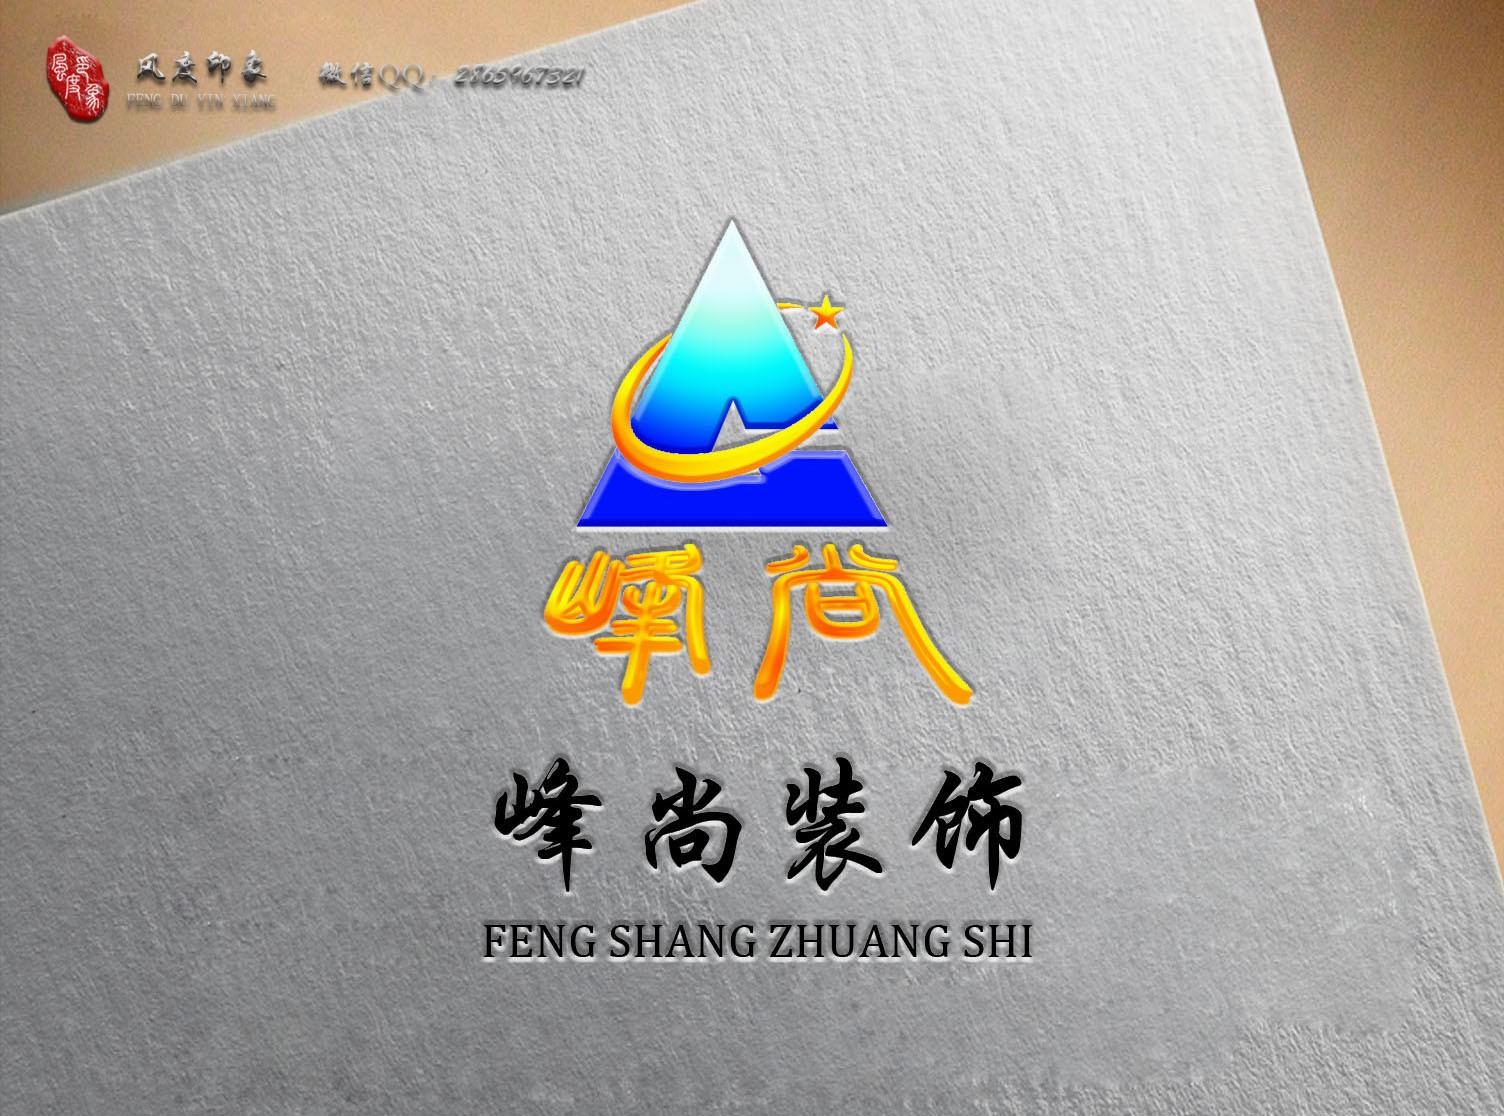 装饰设计工作室logo 设计